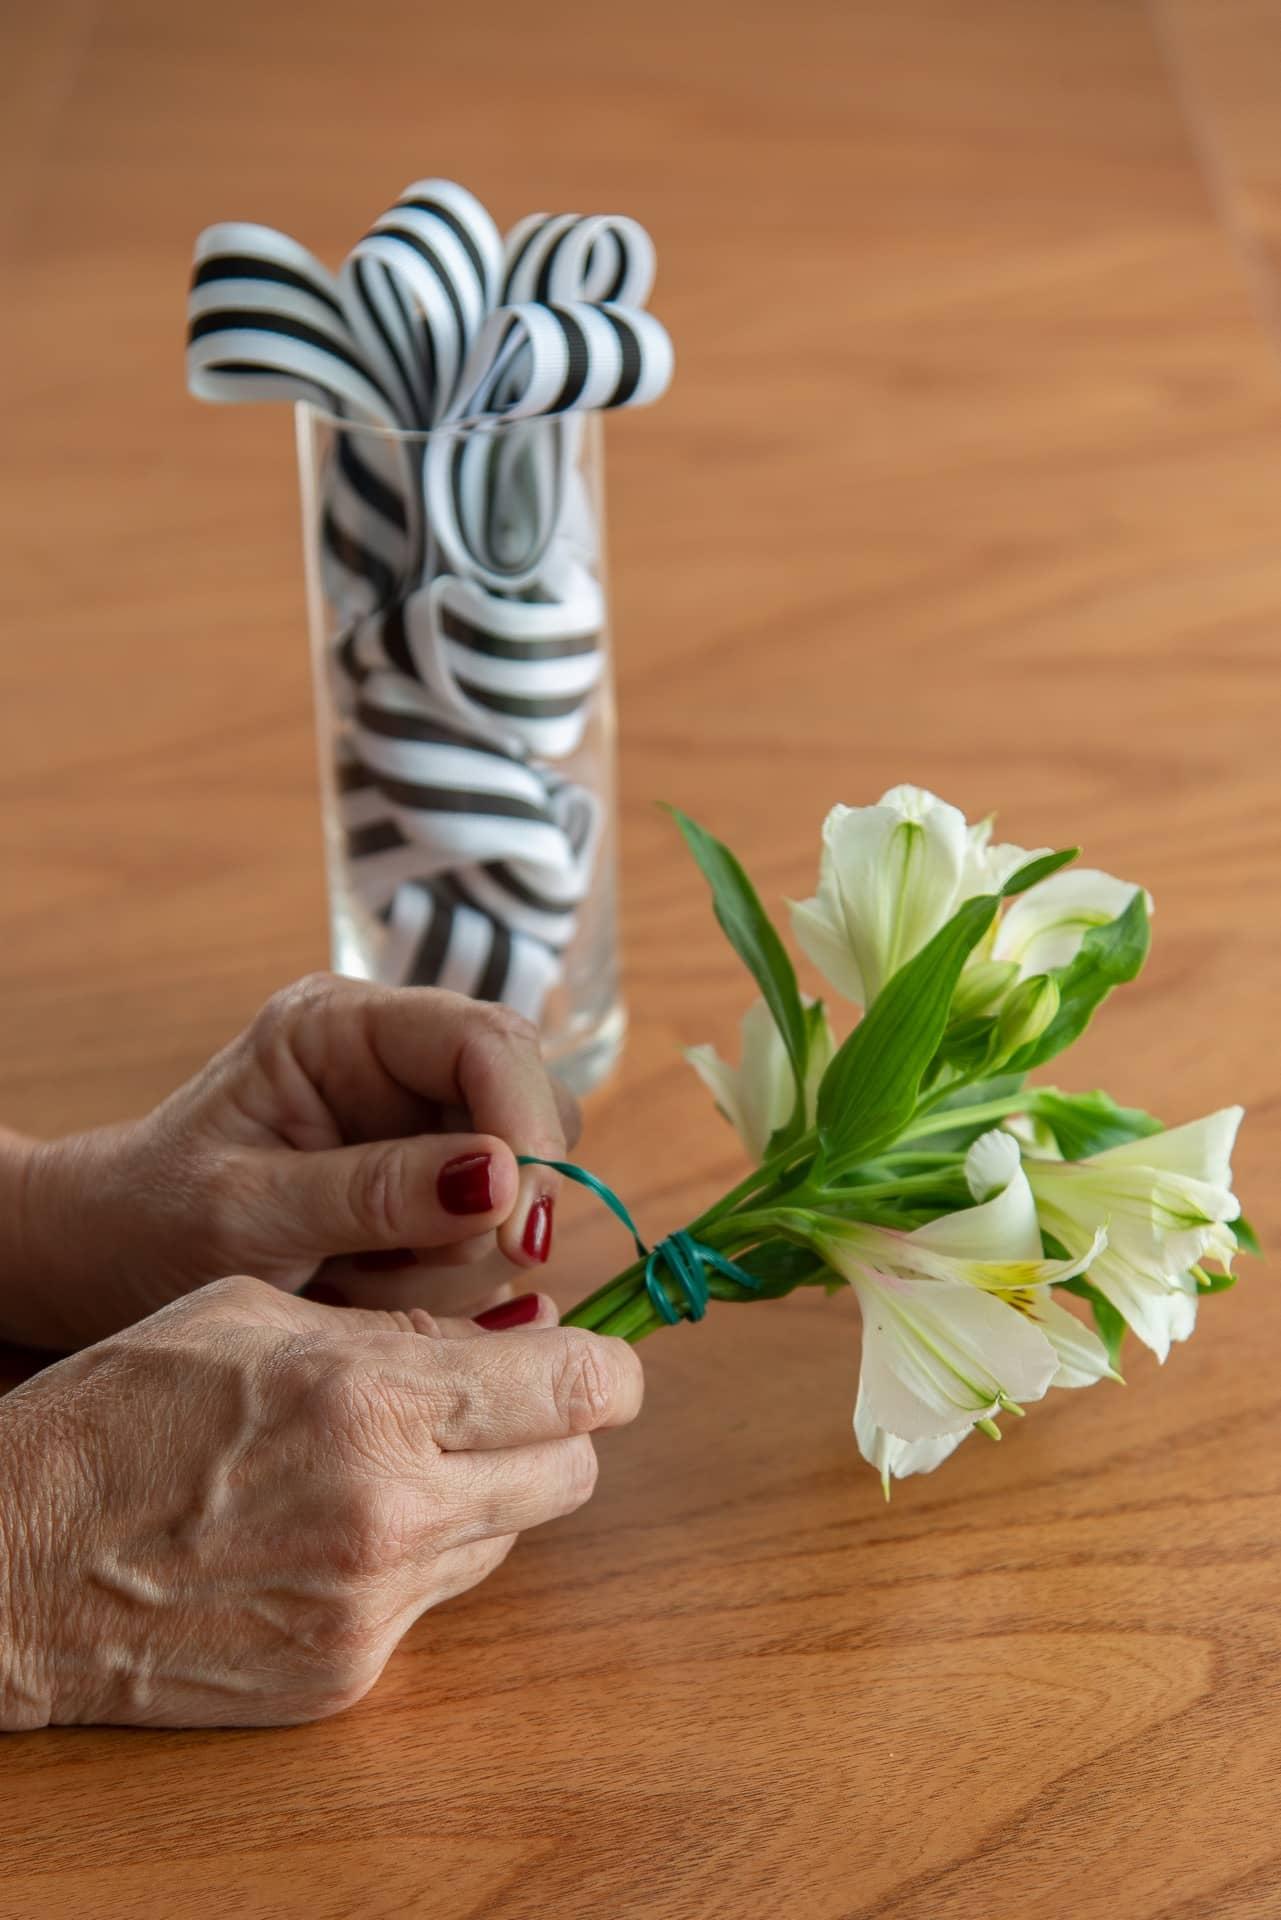 Passo 4: faça um buquê pequeno e amarre com barbante ou arame floral. Lembre-se de cortar as hastes das flores de acordo com a altura do copo. Foto: Cacá Bratke